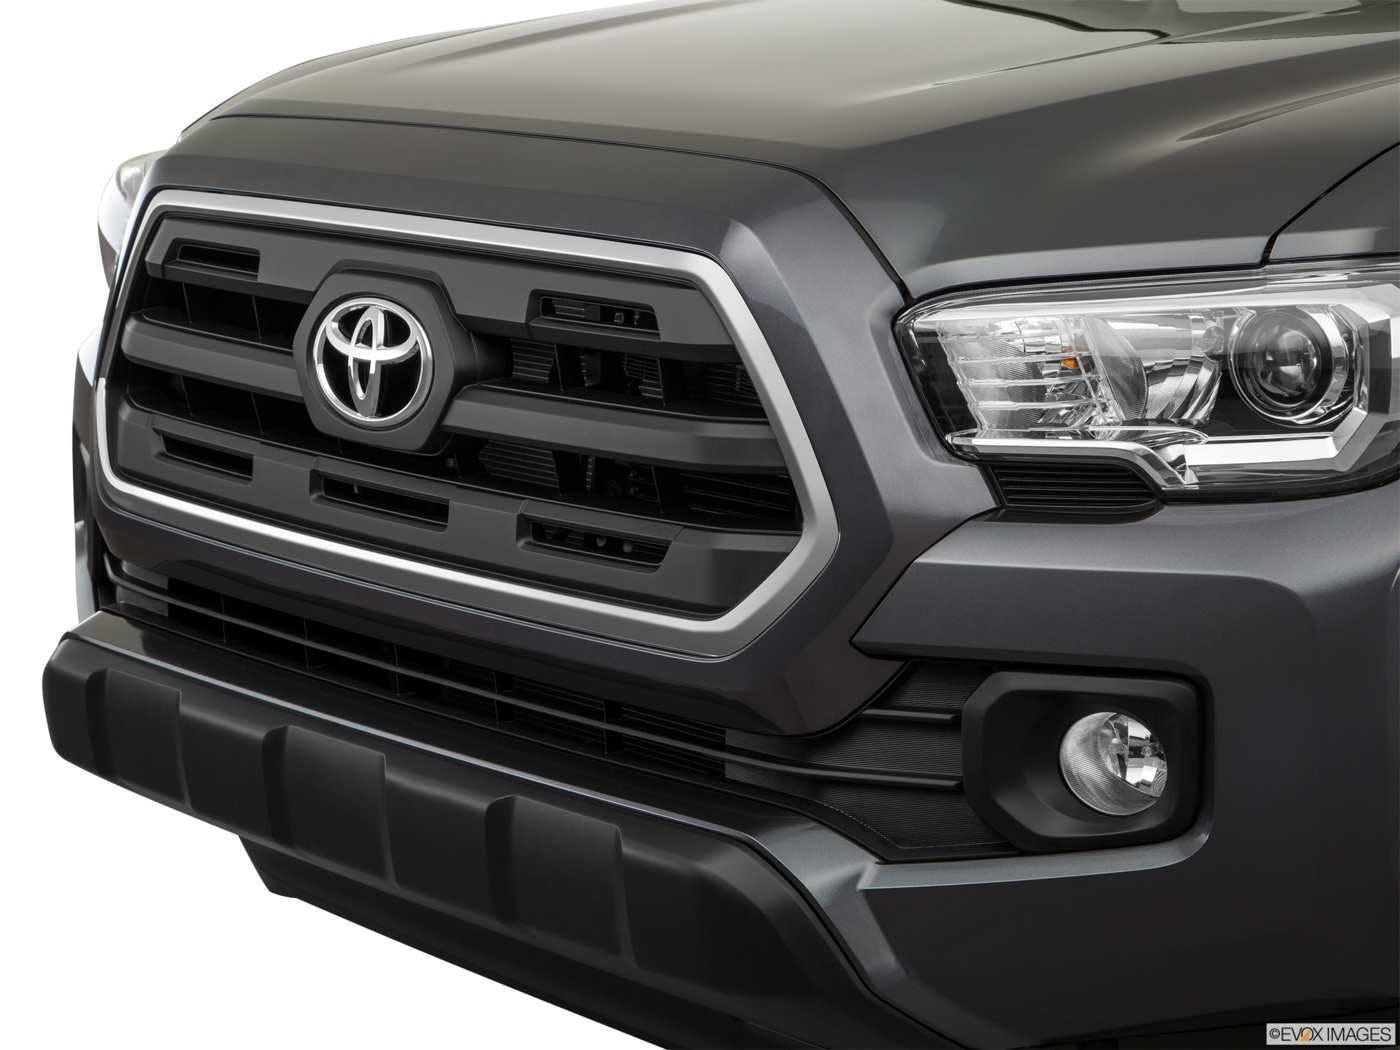 2018 Toyota Tacoma Prices, Reviews & Incentives | TrueCar